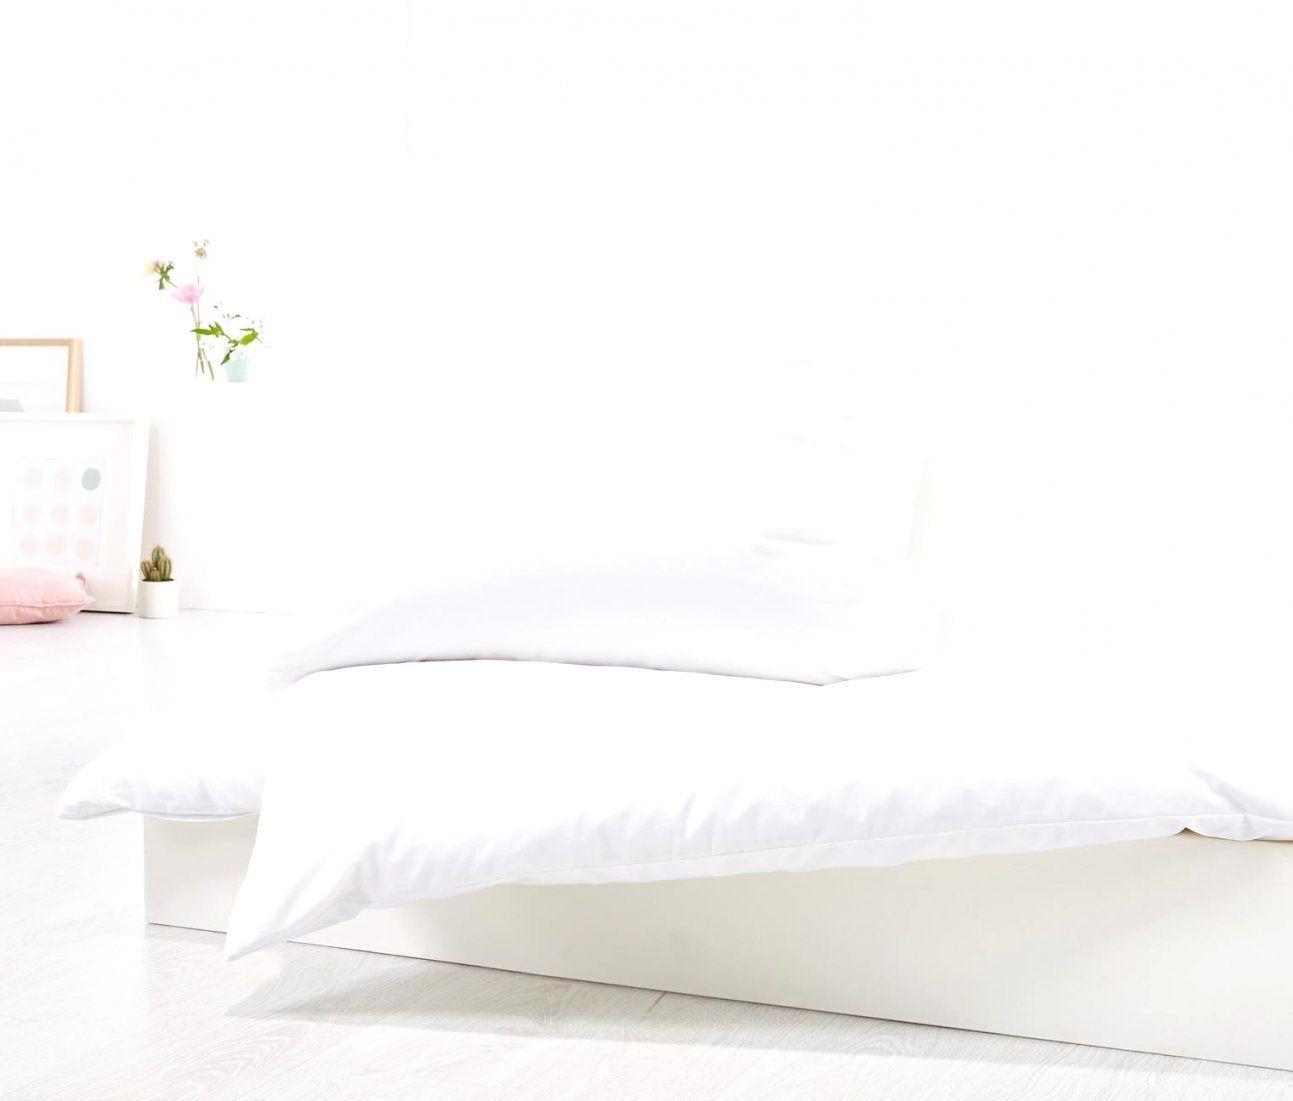 Beeindruckende Ideen Normale Bettwäsche Maße Und Wunderbare Perkal von Bettwäsche Normale Maße Bild